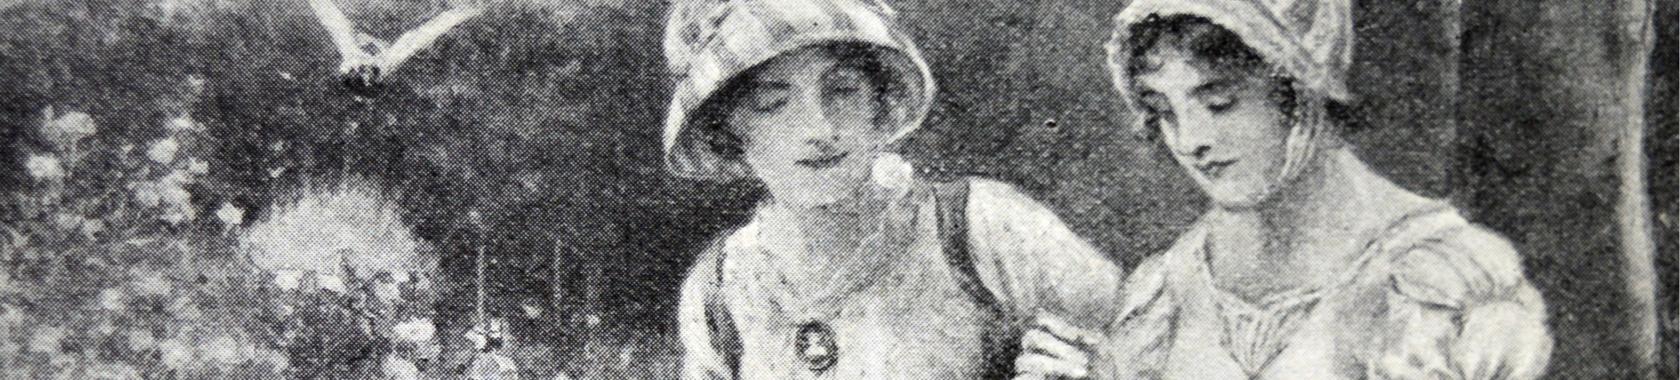 Teas at Two: Jane Austen & the Regency Woman